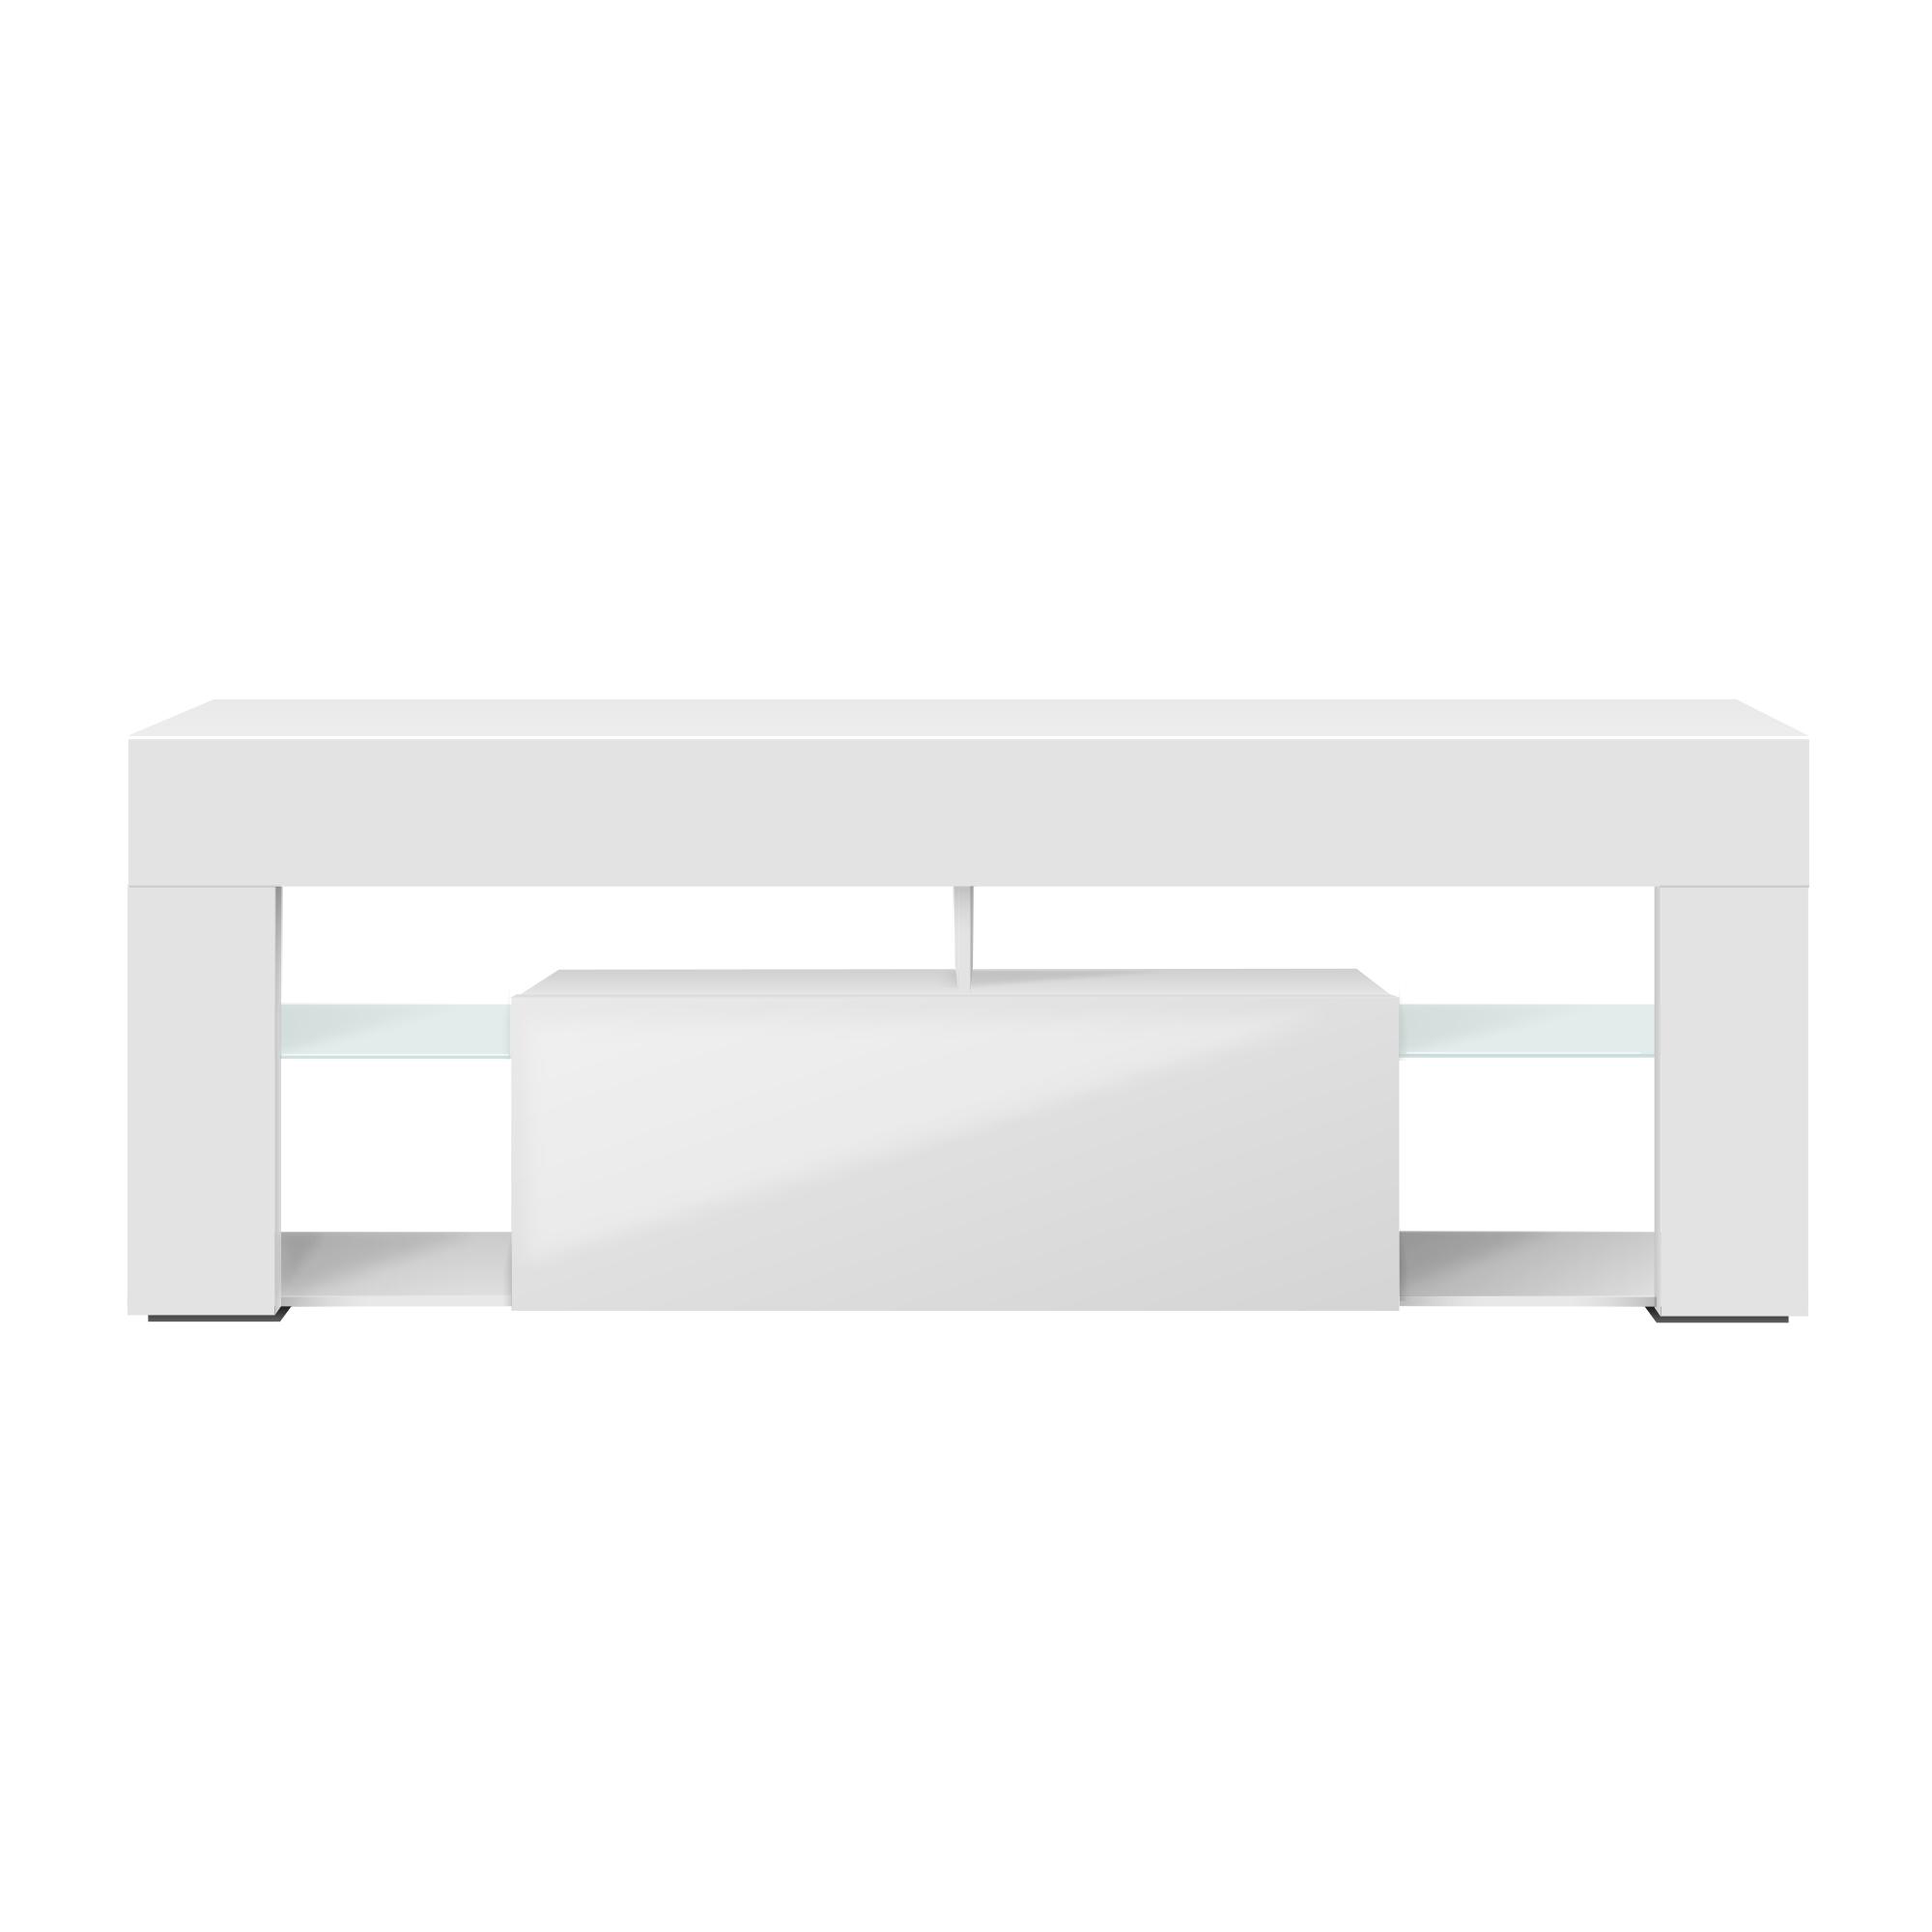 Meuble tv tablettes en verre blanc mat blanc brillant